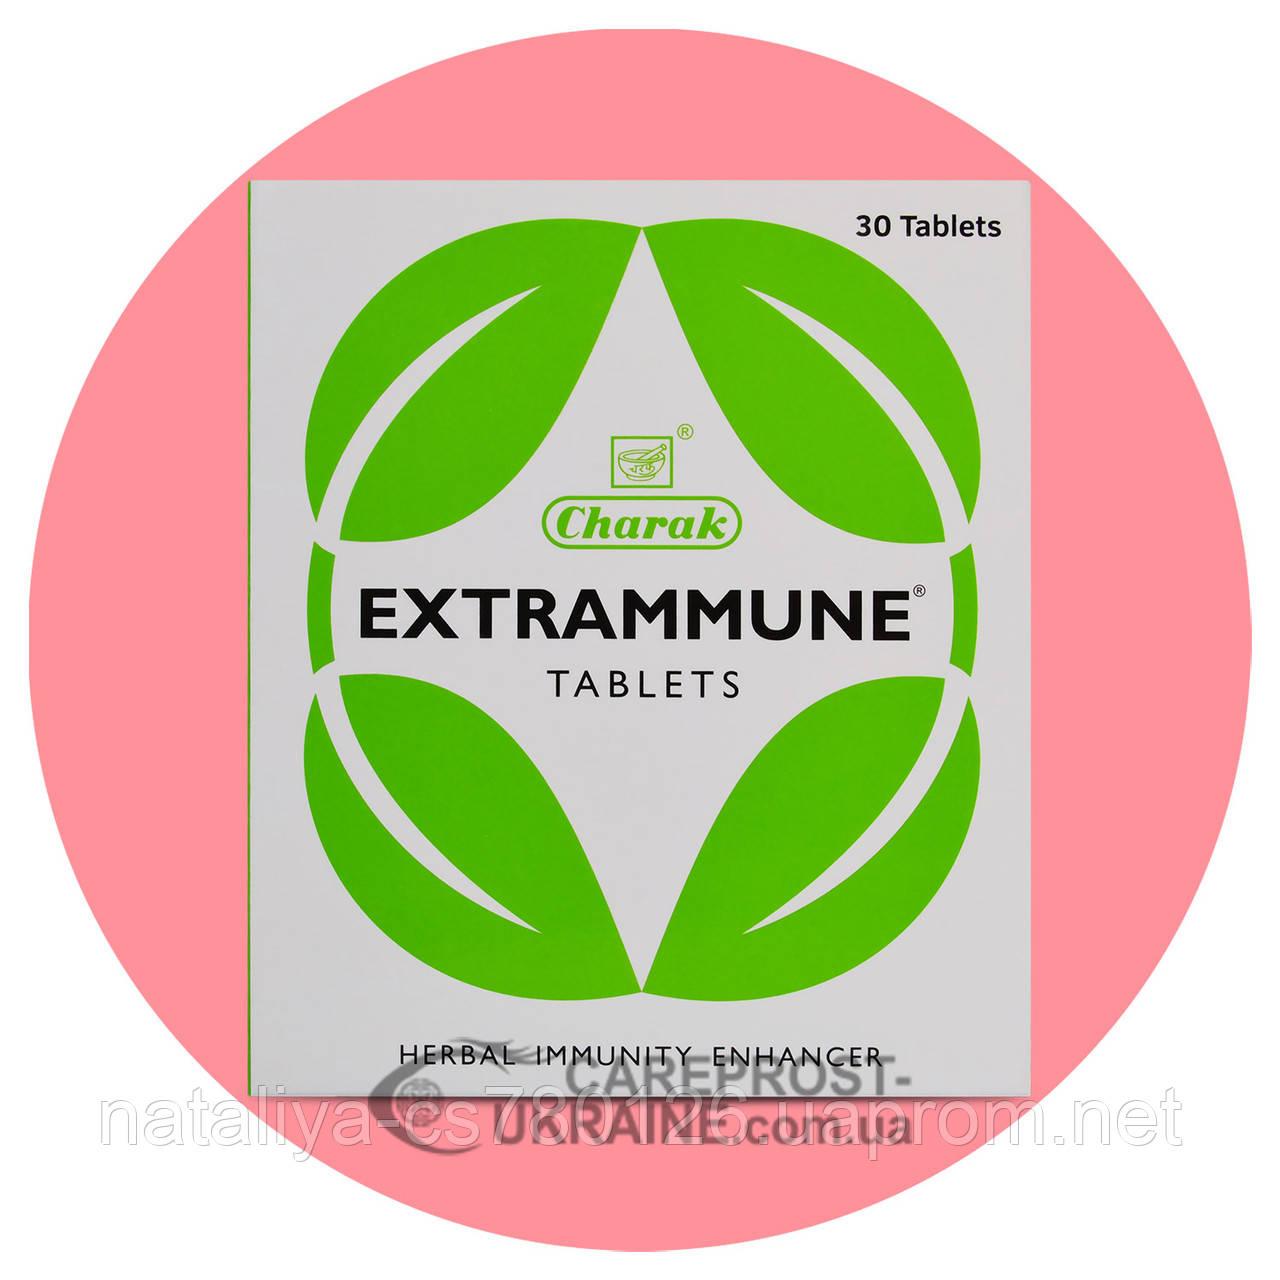 Экстраммьюн Чарак (Extrammune Charak), 30 табл.